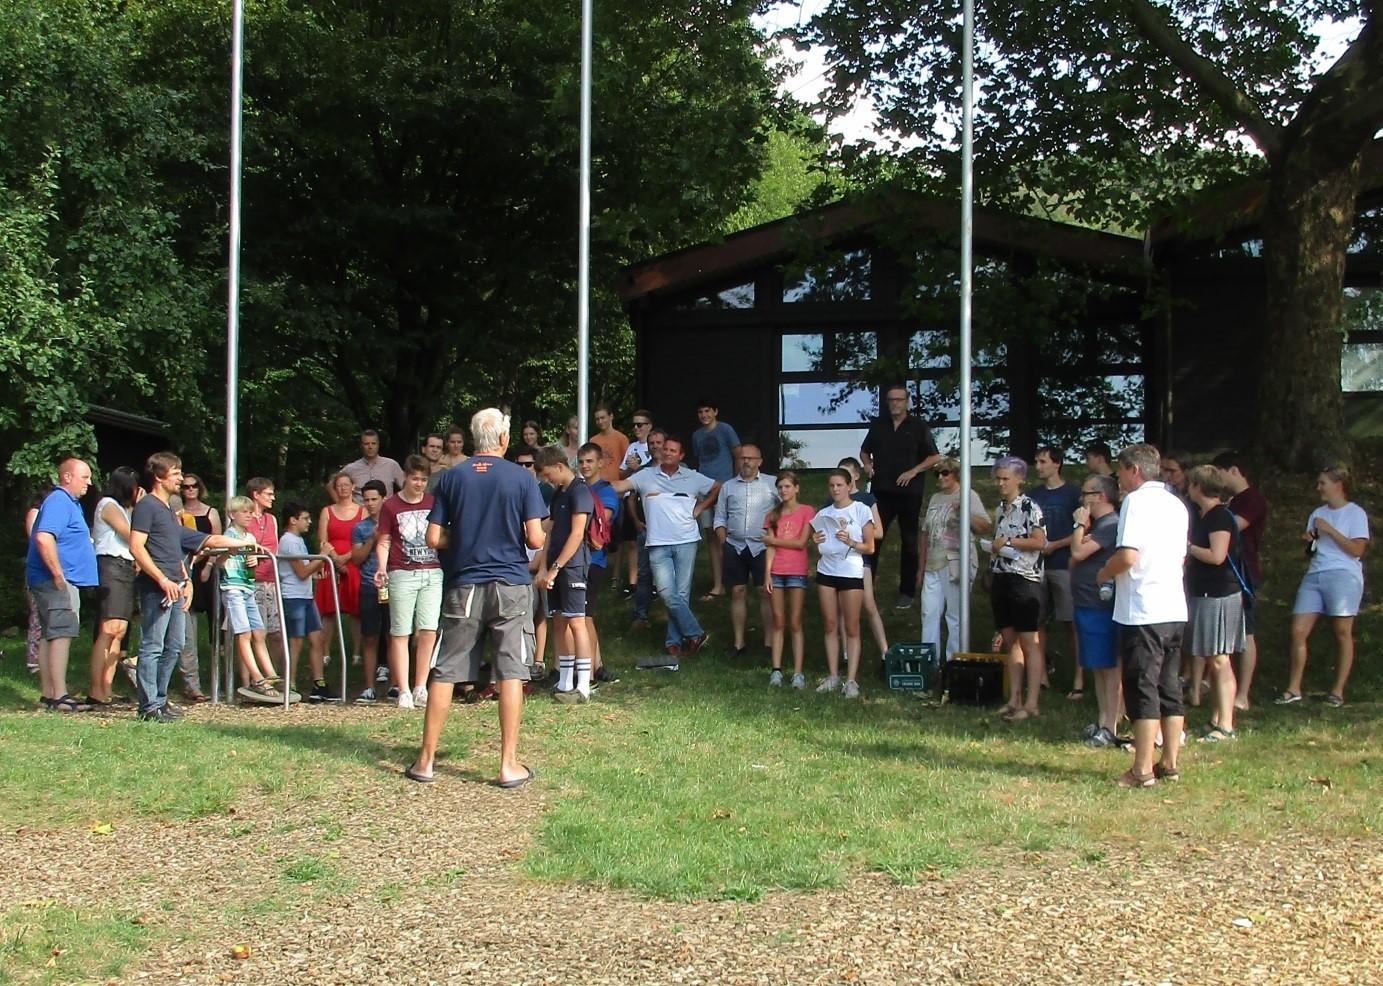 Rencontres d'été : Jumelage Oberweier – Étoges/Fèrebrianges/Beaunay 2